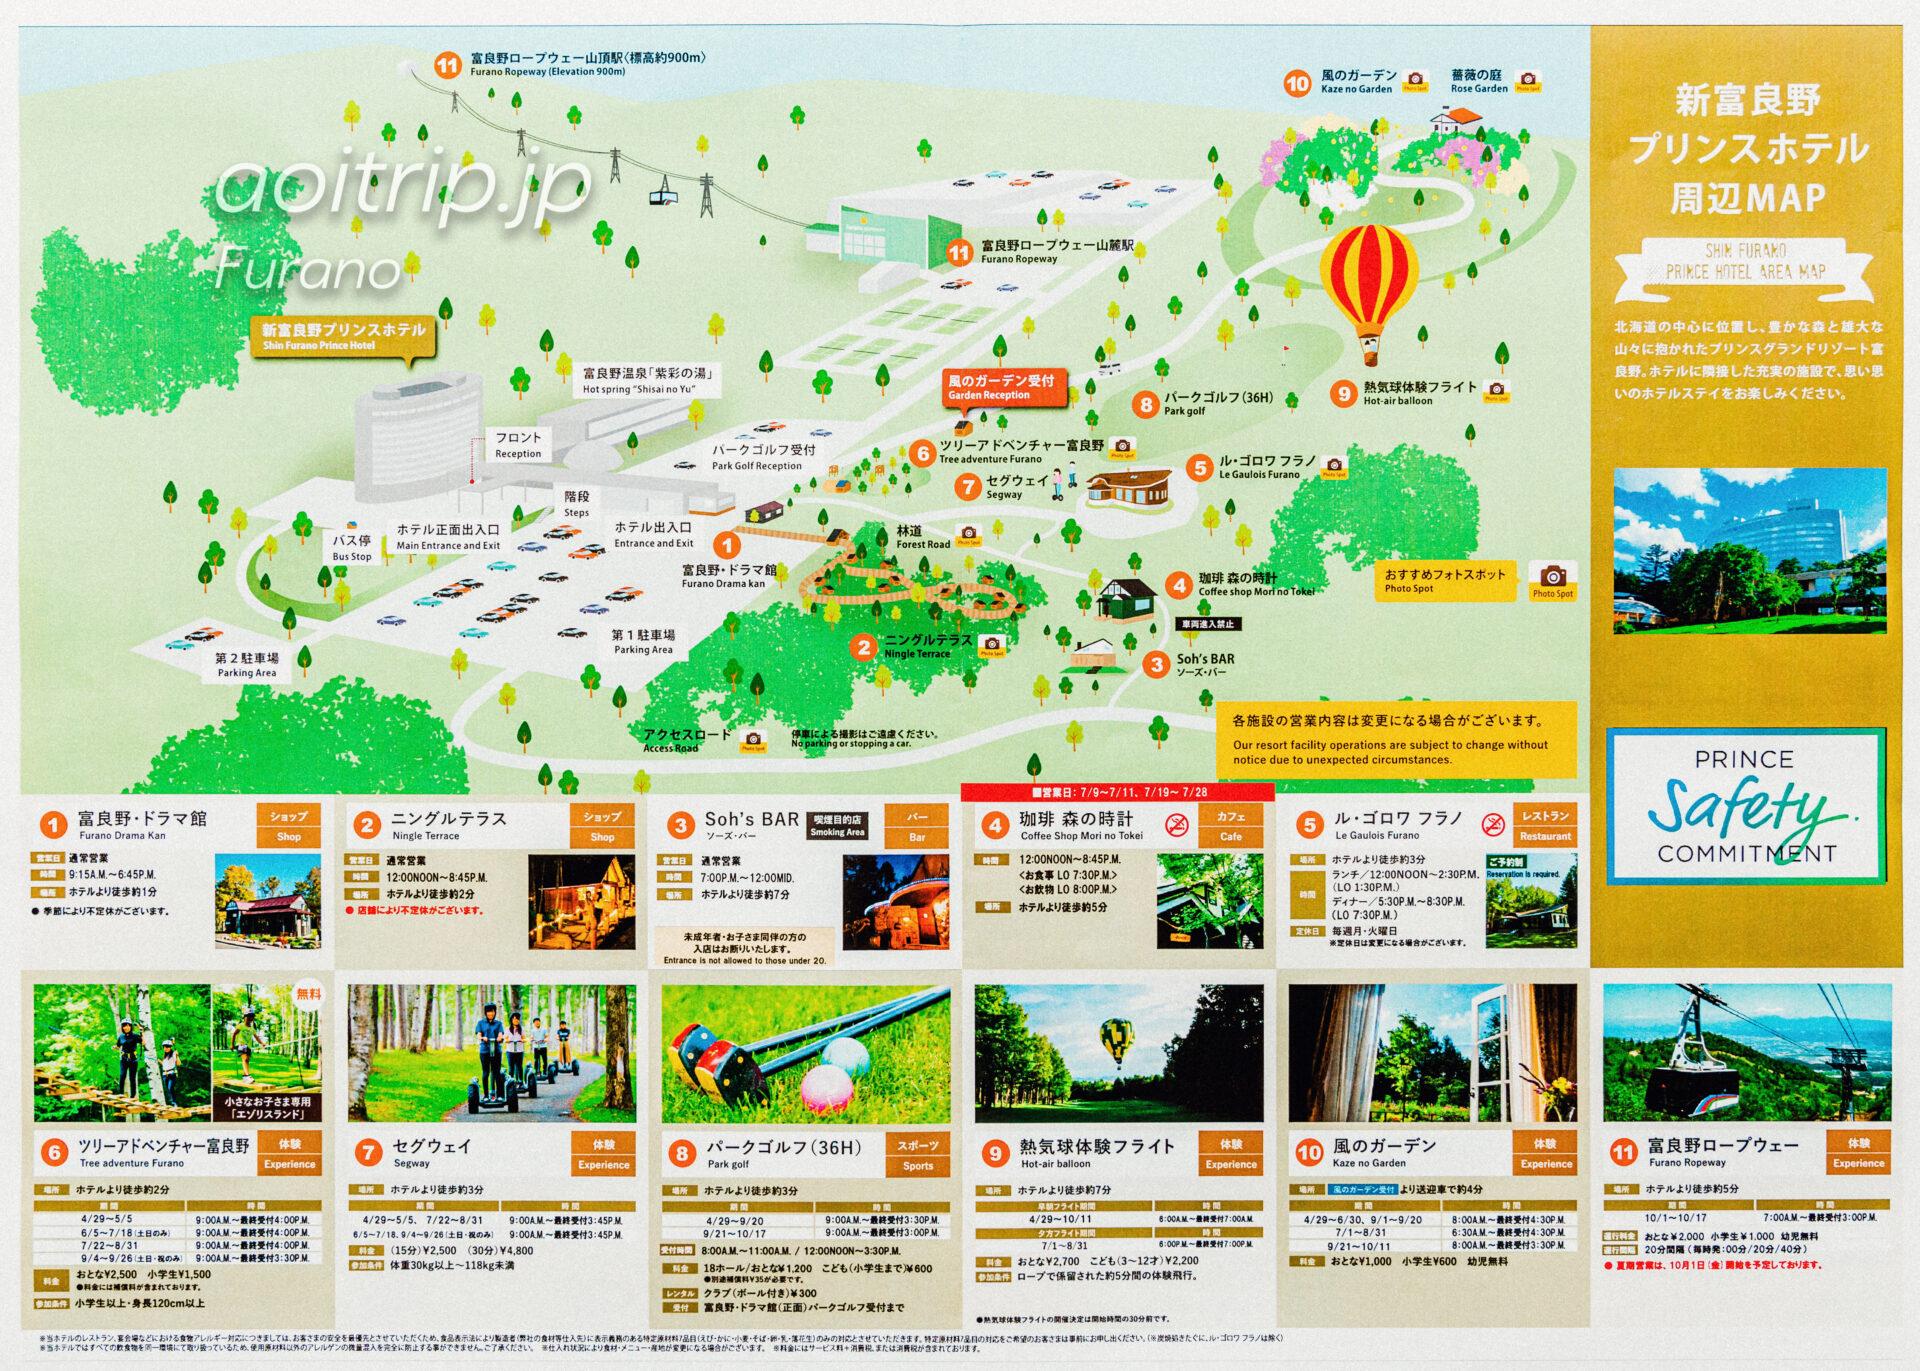 新富良野プリンスホテルの敷地案内図(マップ)